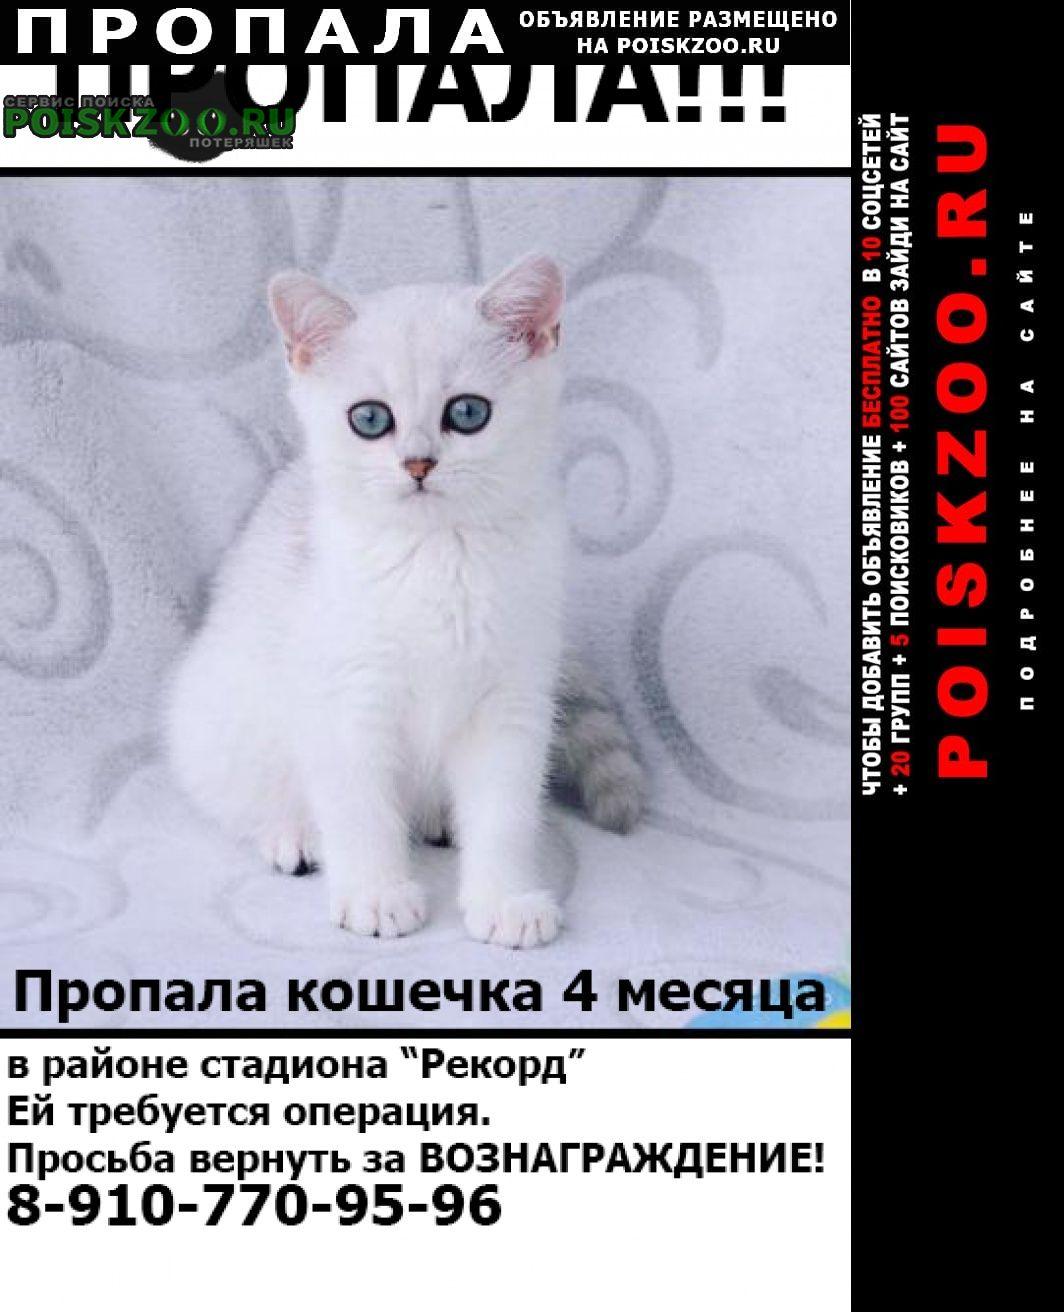 Александров Пропала кошка кошечка..